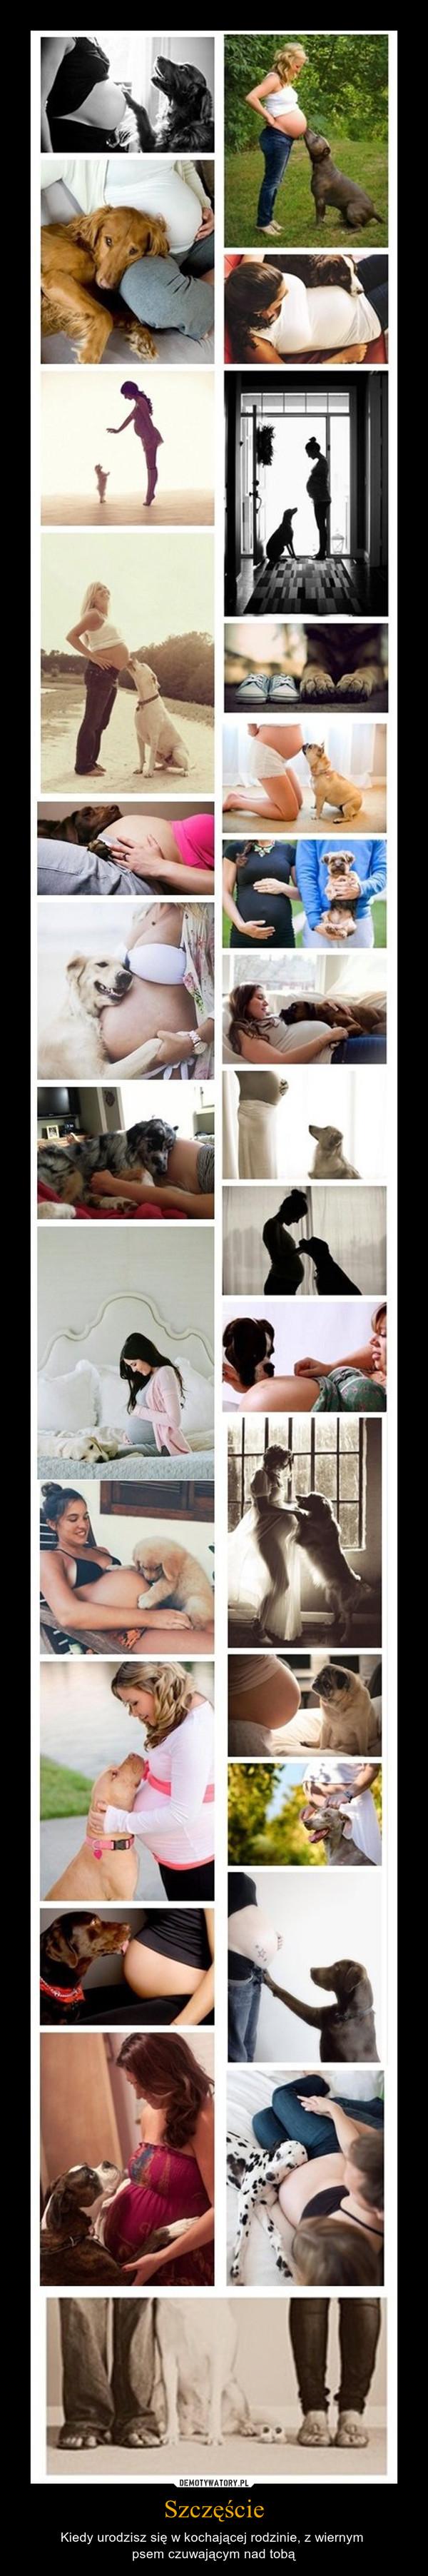 Szczęście – Kiedy urodzisz się w kochającej rodzinie, z wiernym psem czuwającym nad tobą